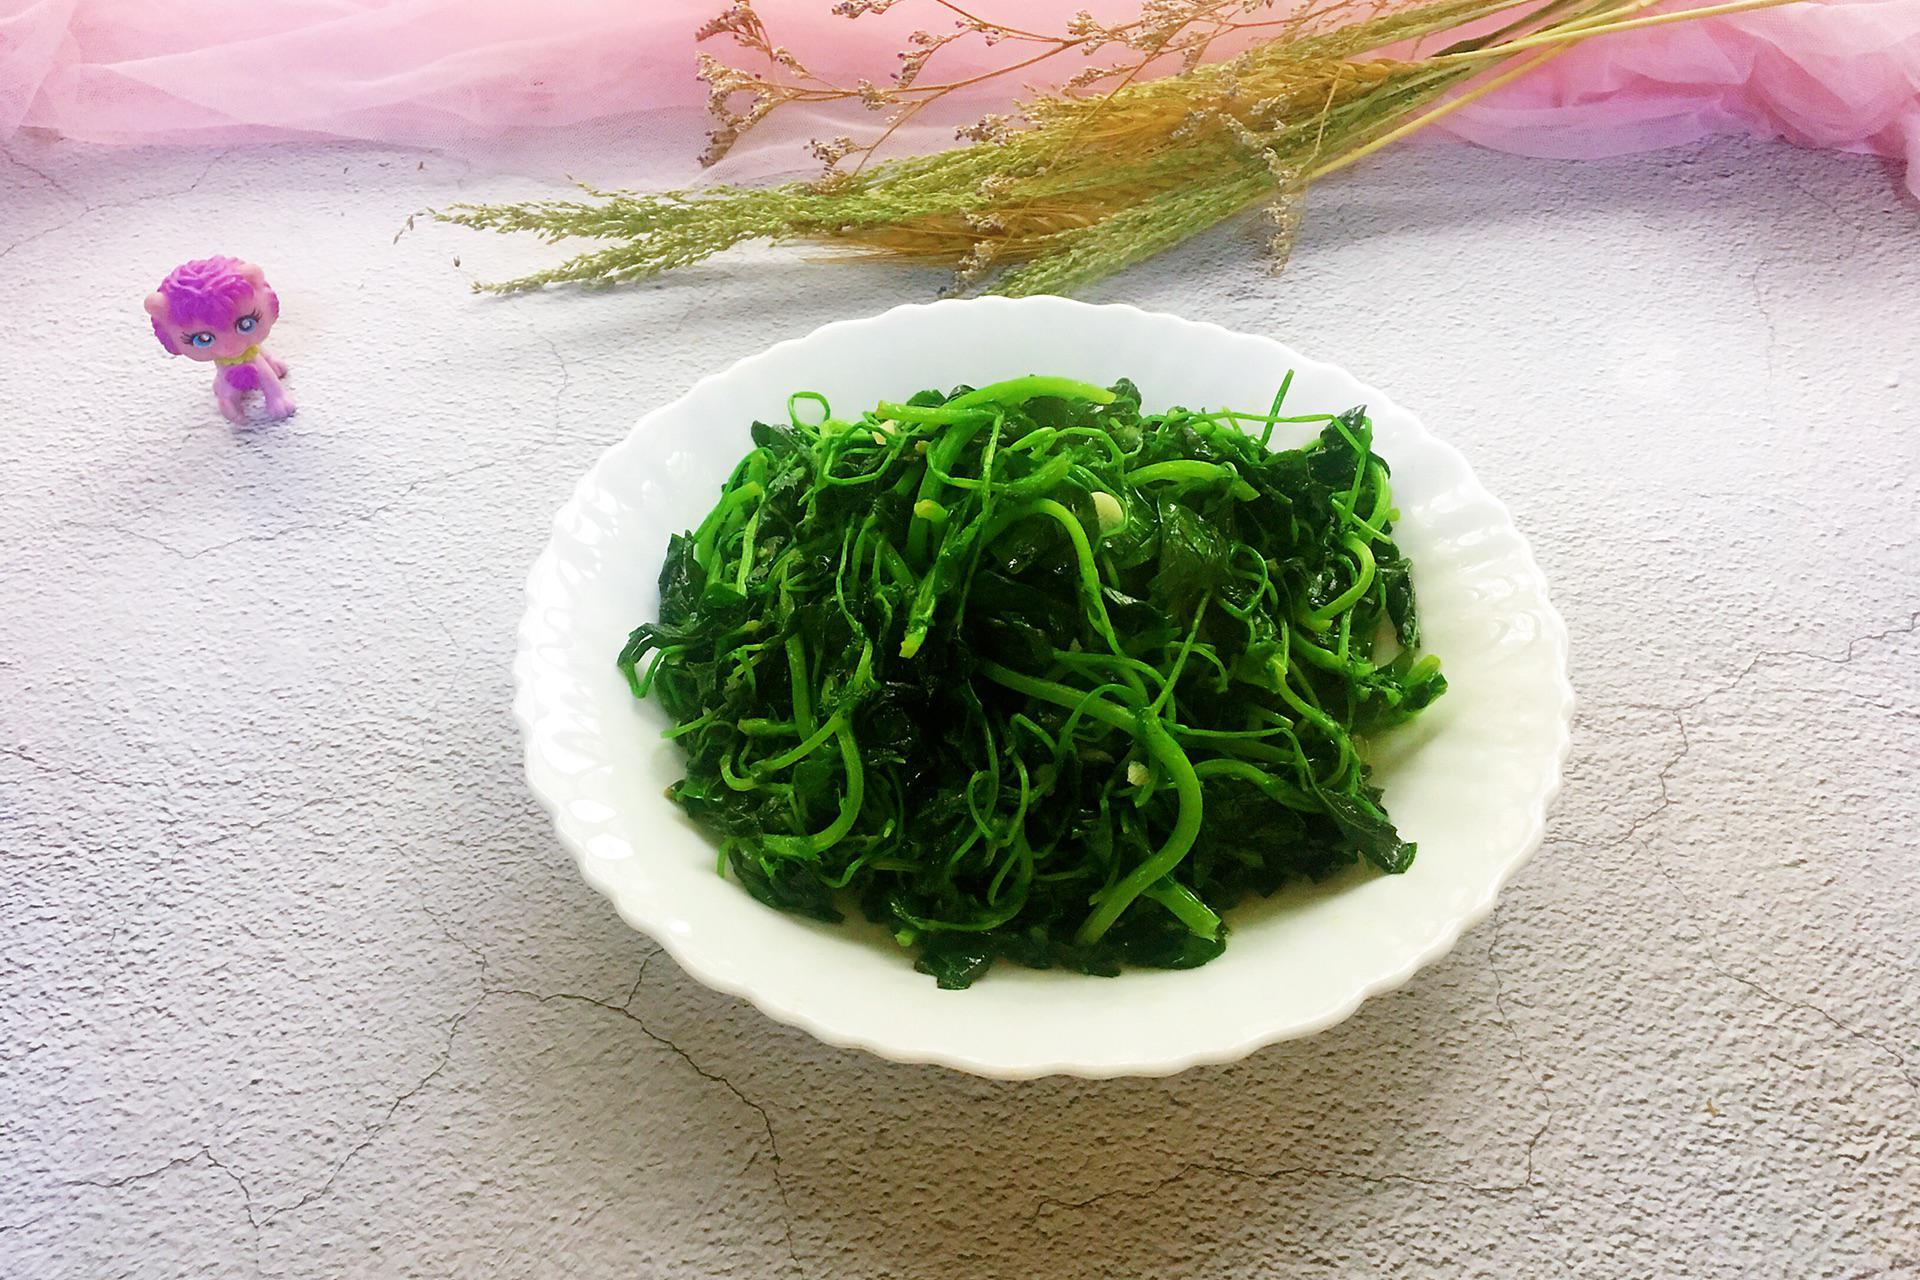 酒香草头是一道上海菜,口感清爽味道鲜美,烹饪方法很简单